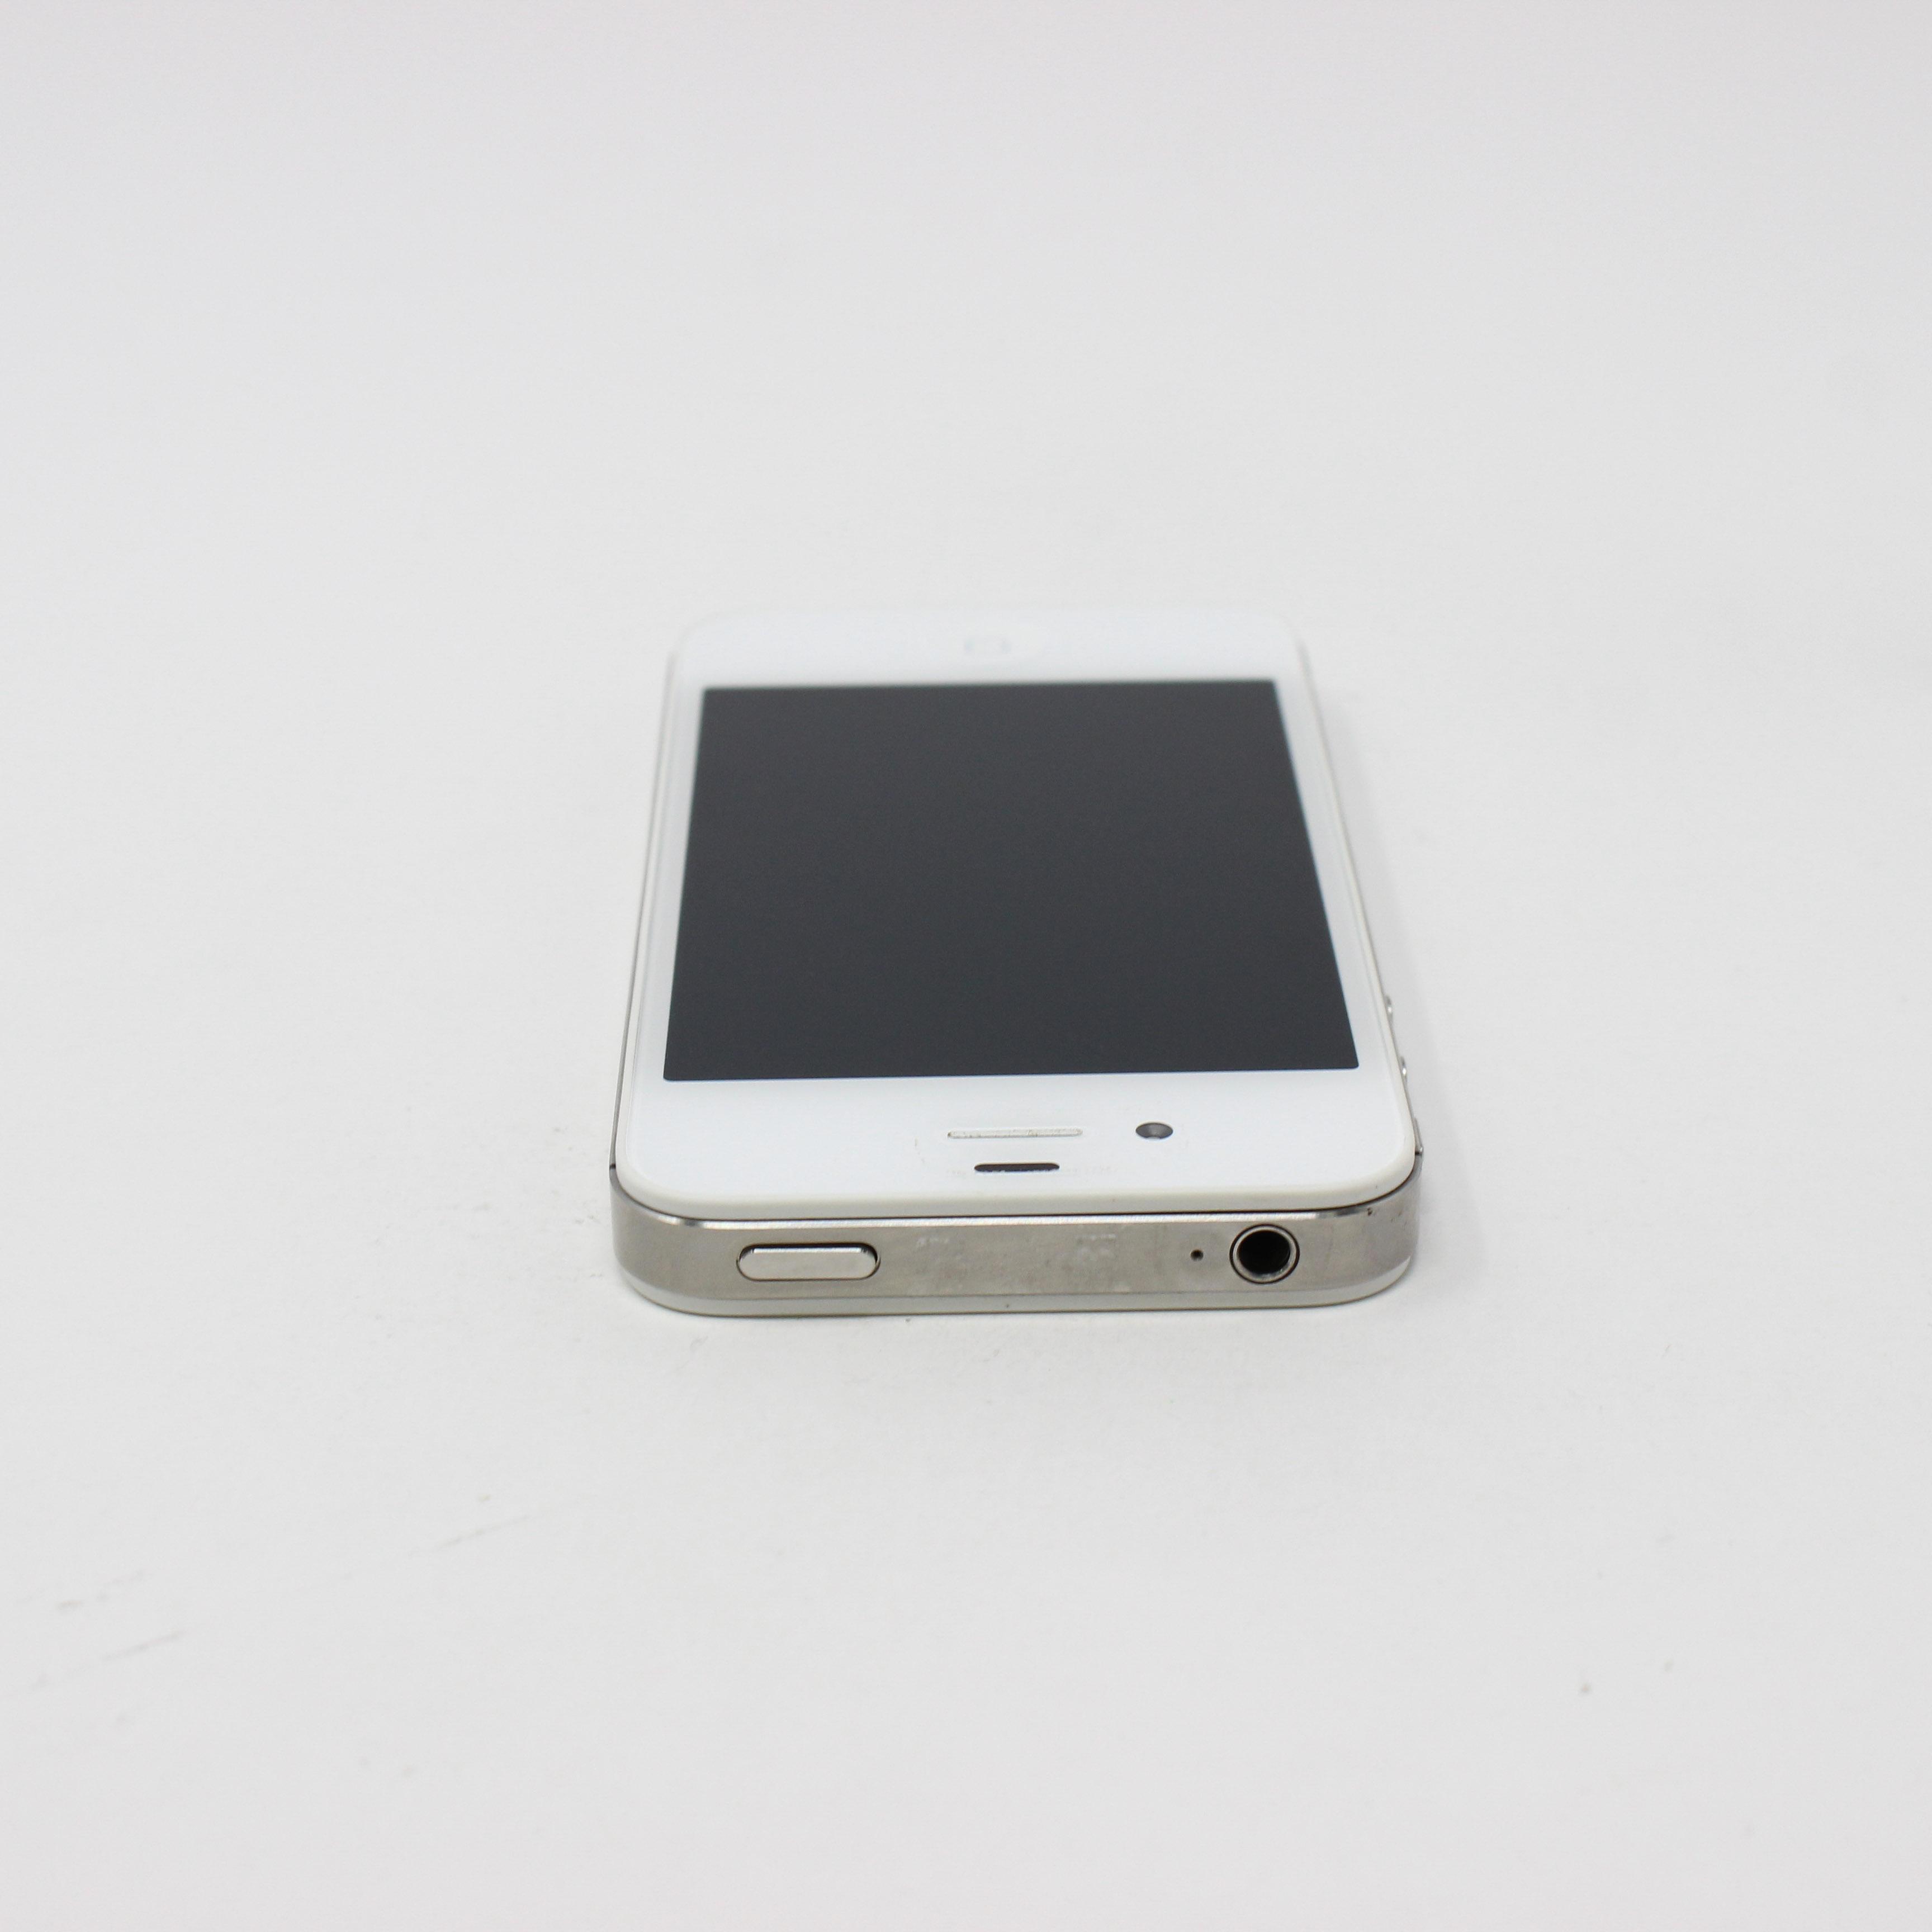 iPhone 4S 16GB White - AT&T photo 4   UpTradeit.com